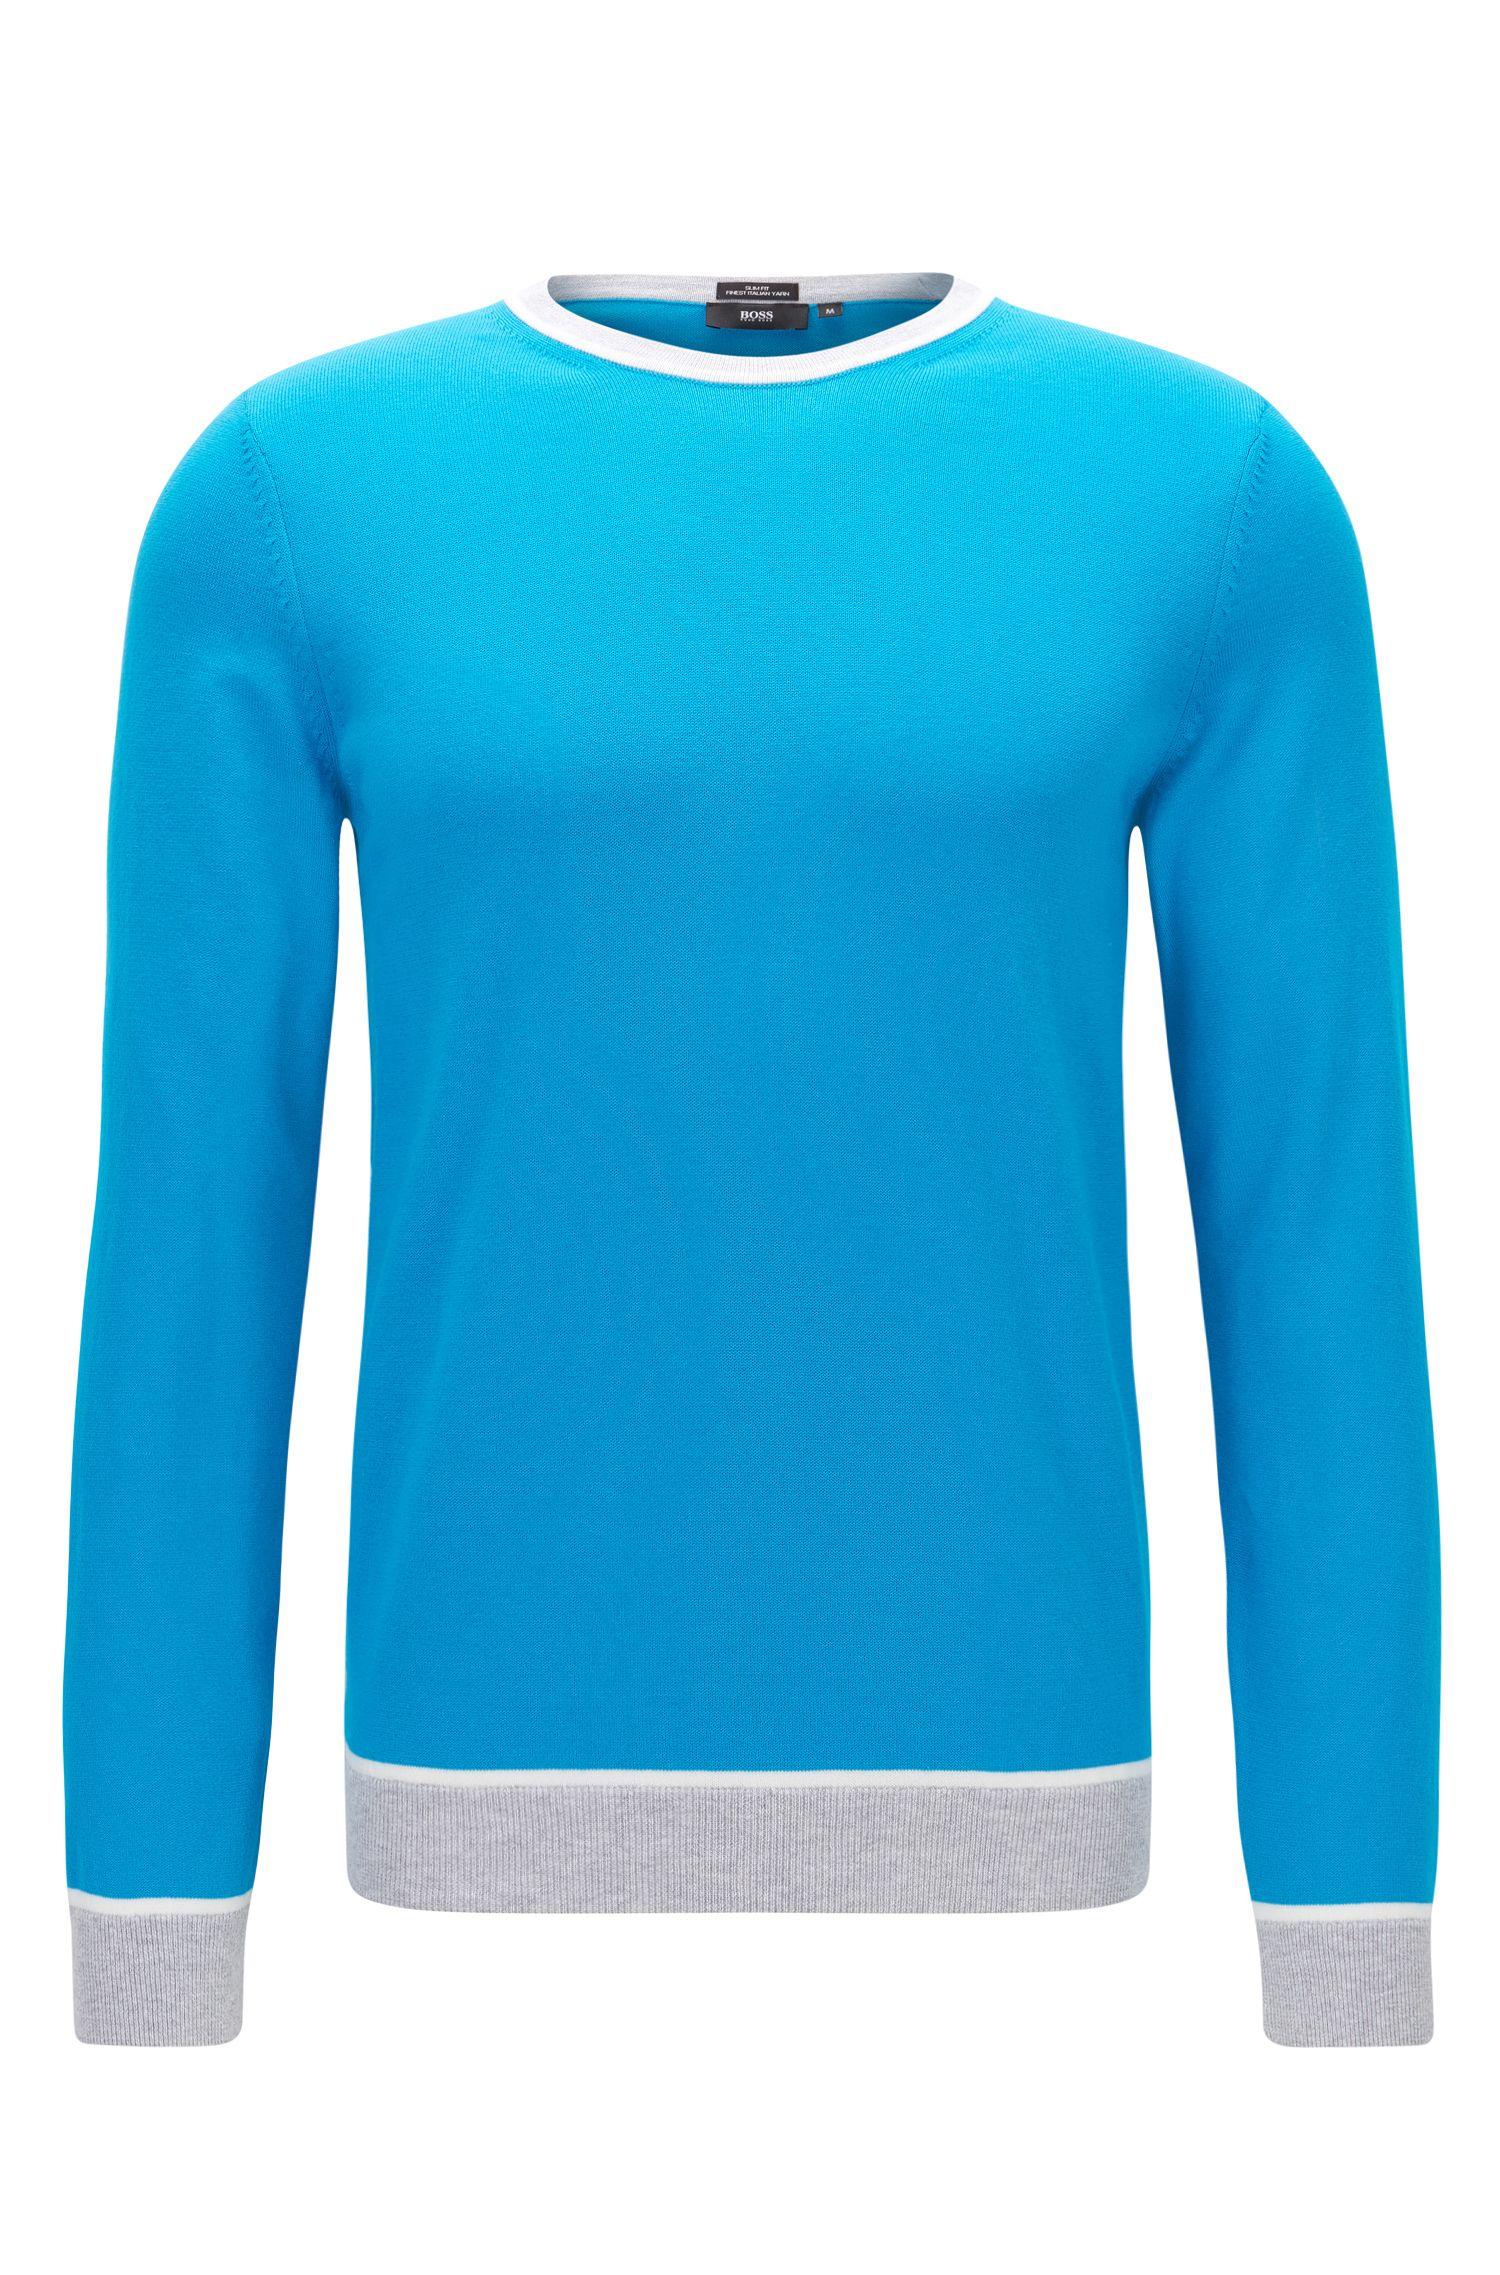 Jersey slim fit de algodón con detalles en bloques de color